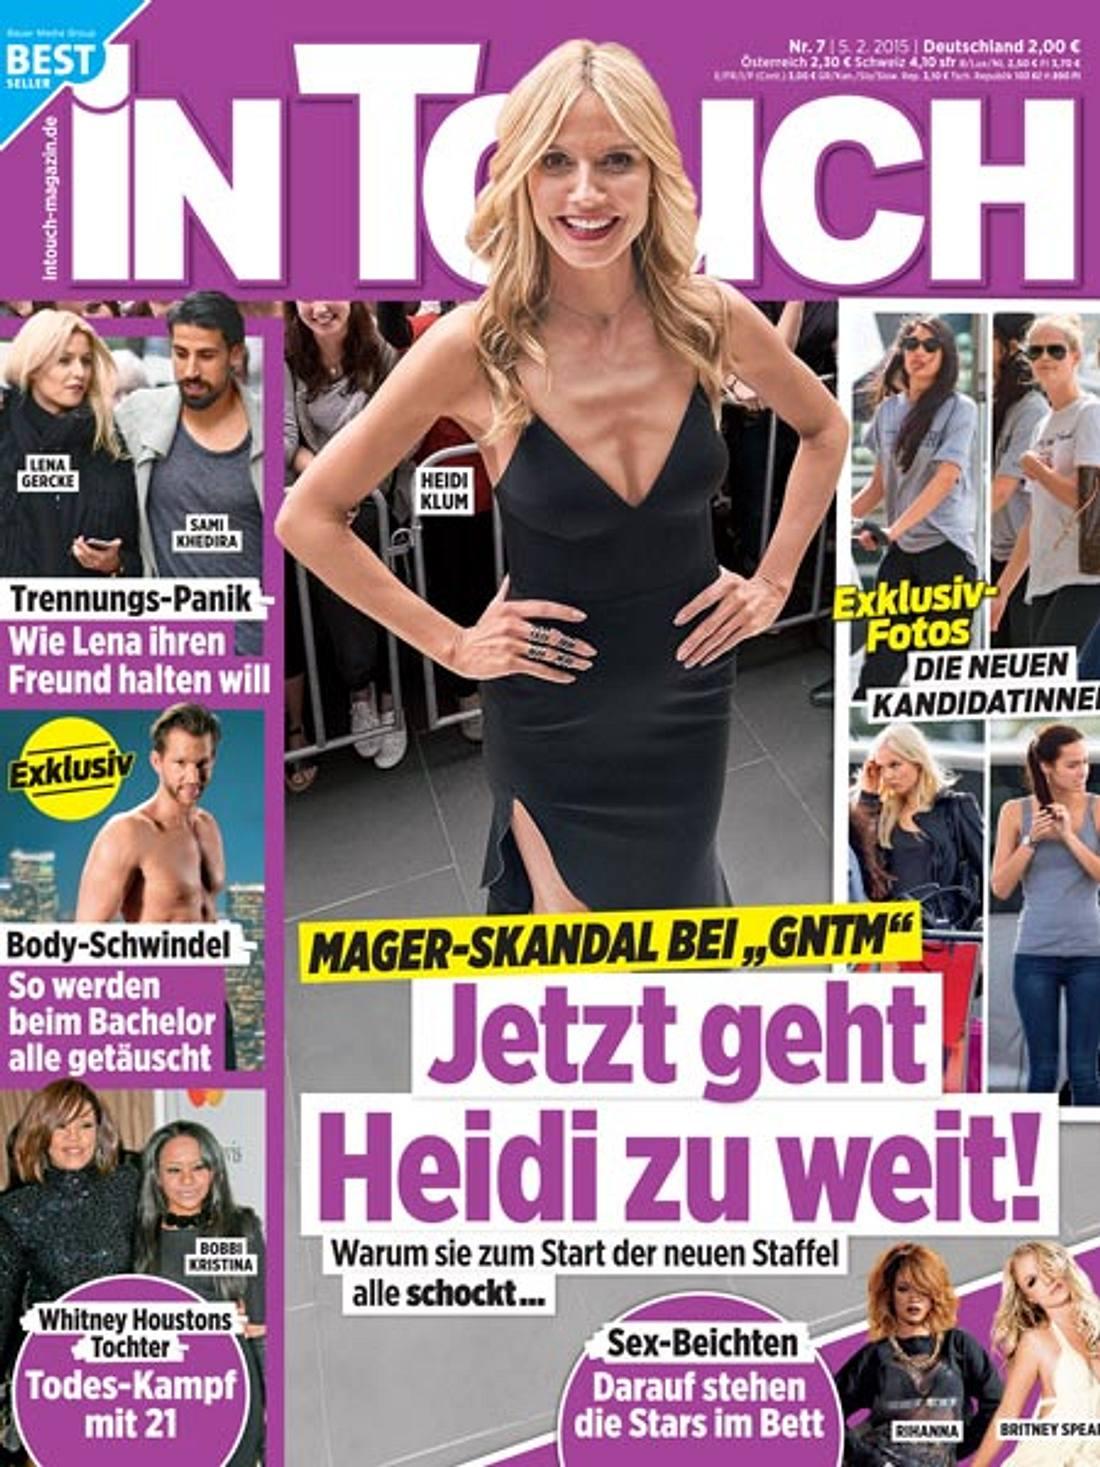 InTouch: Mager-Skandal um Heidi Klum